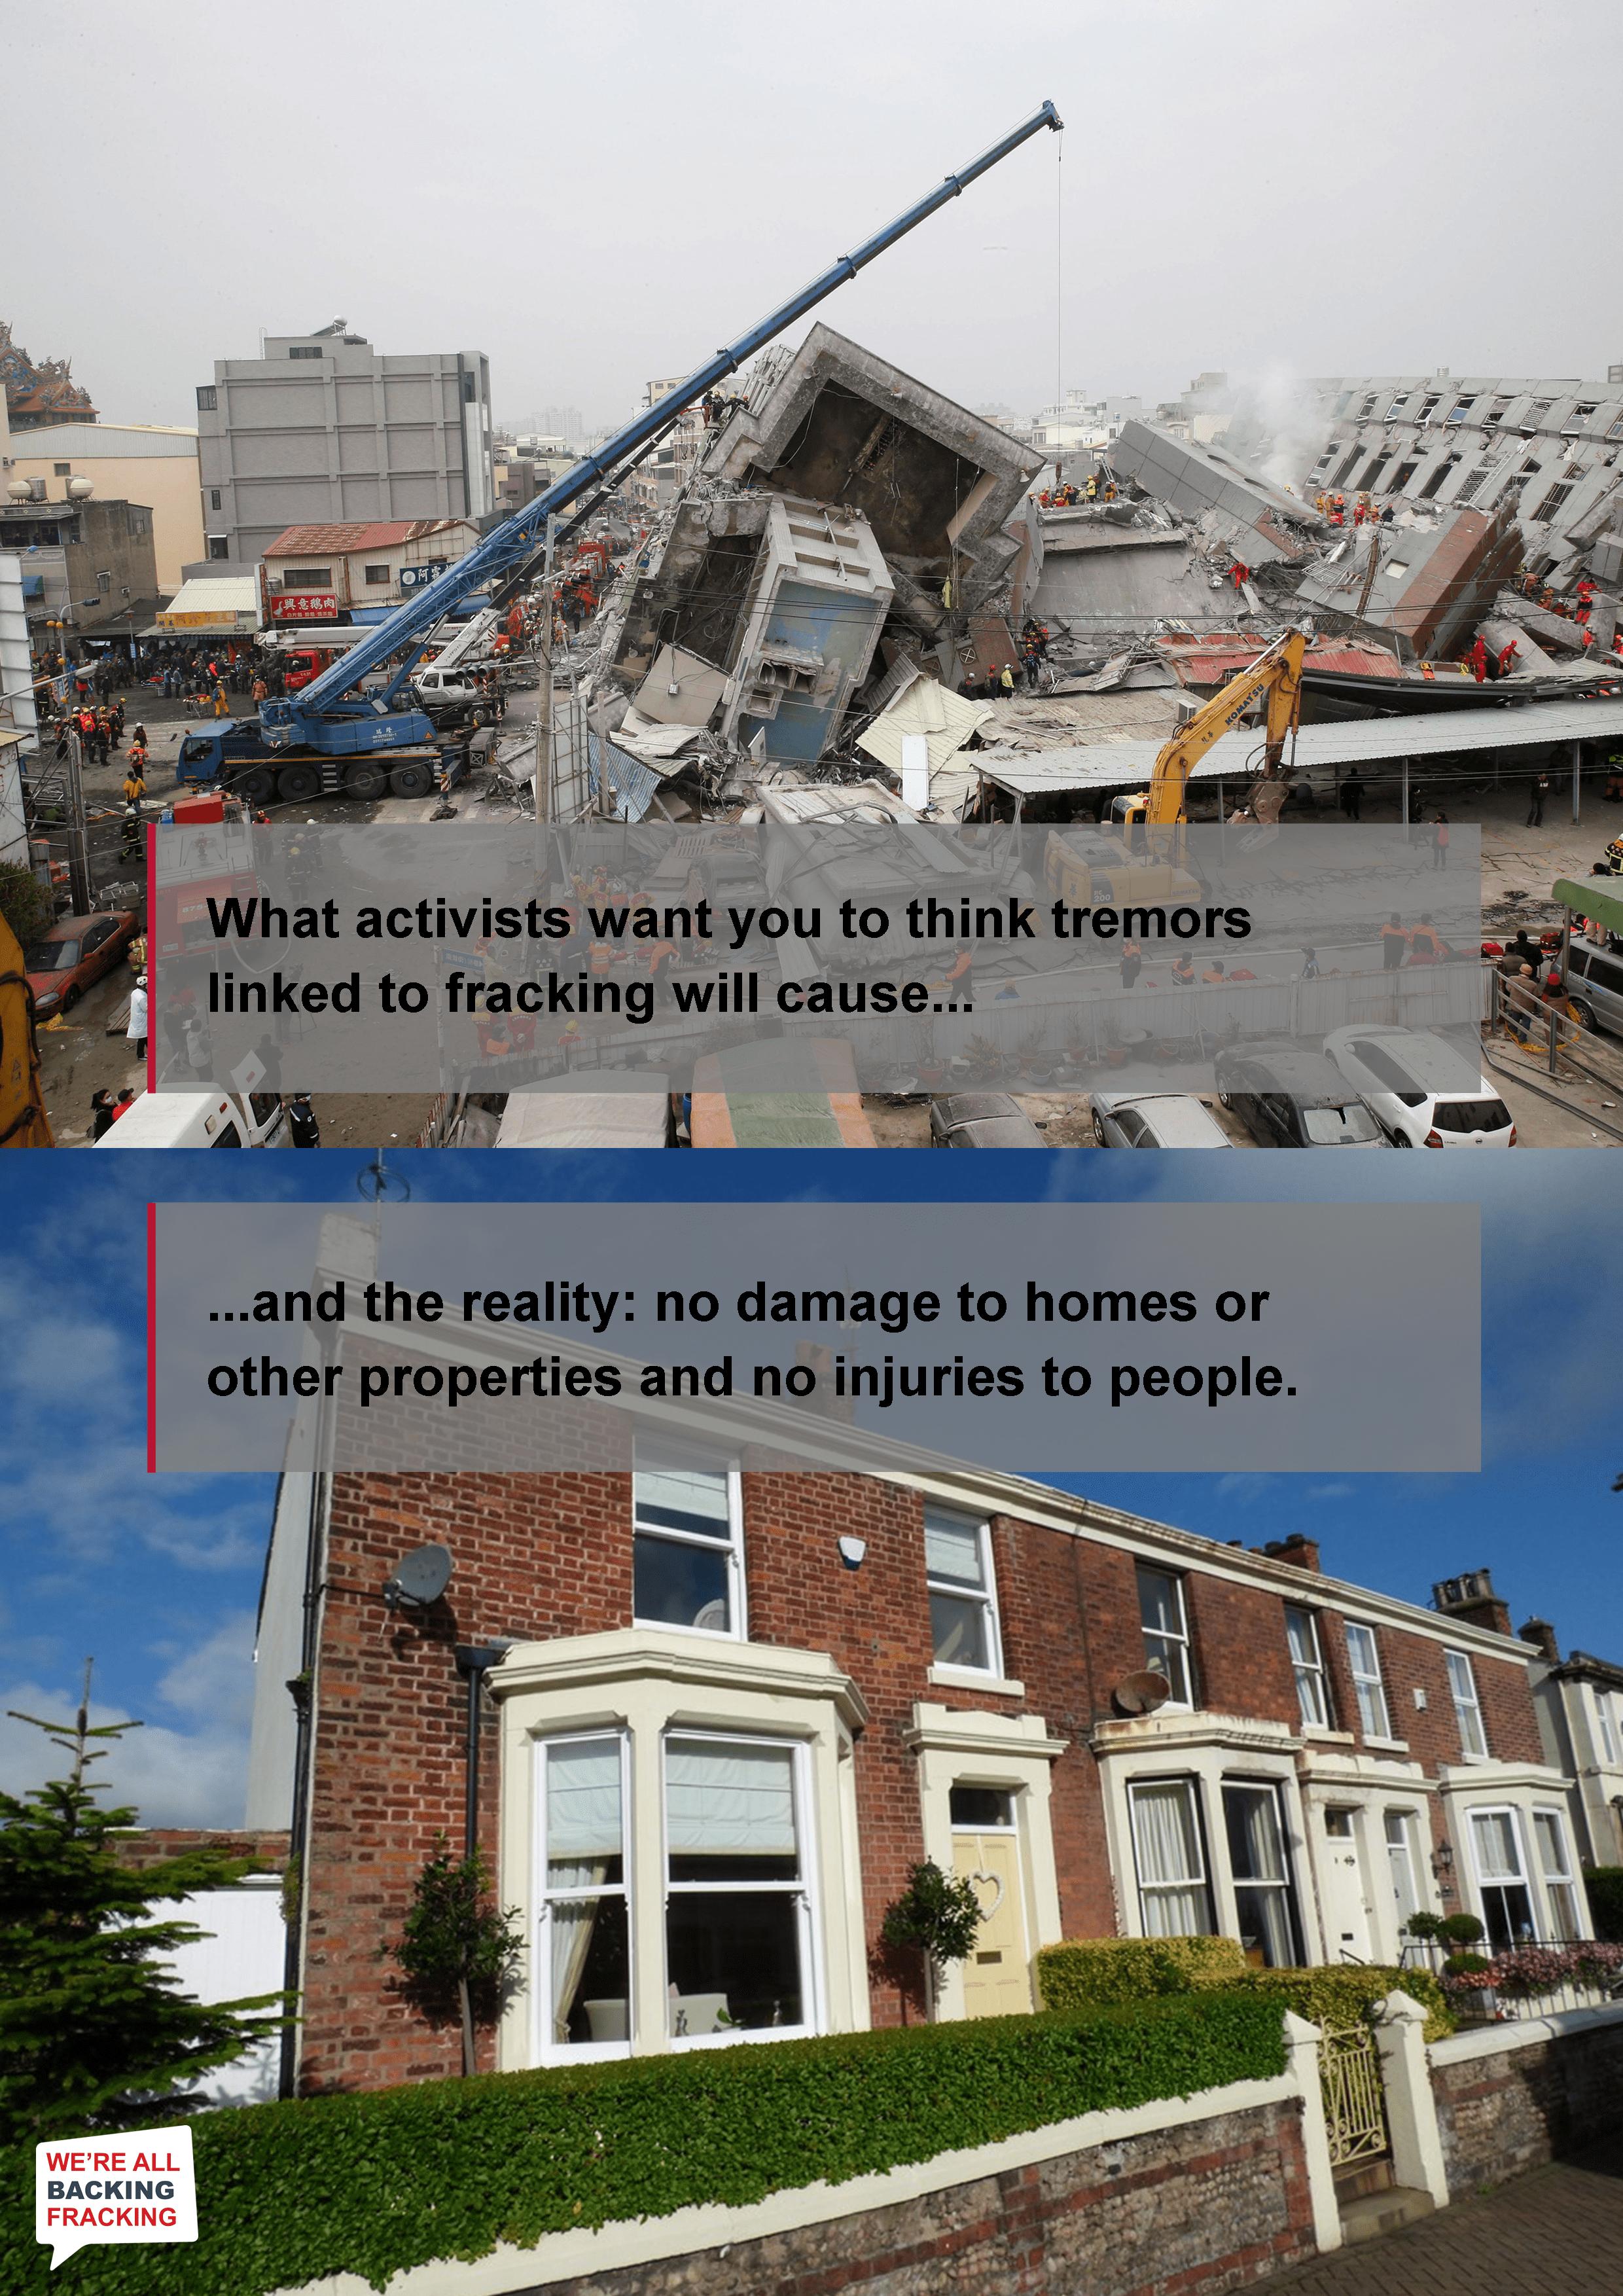 Earthquake_reality_image-min.png